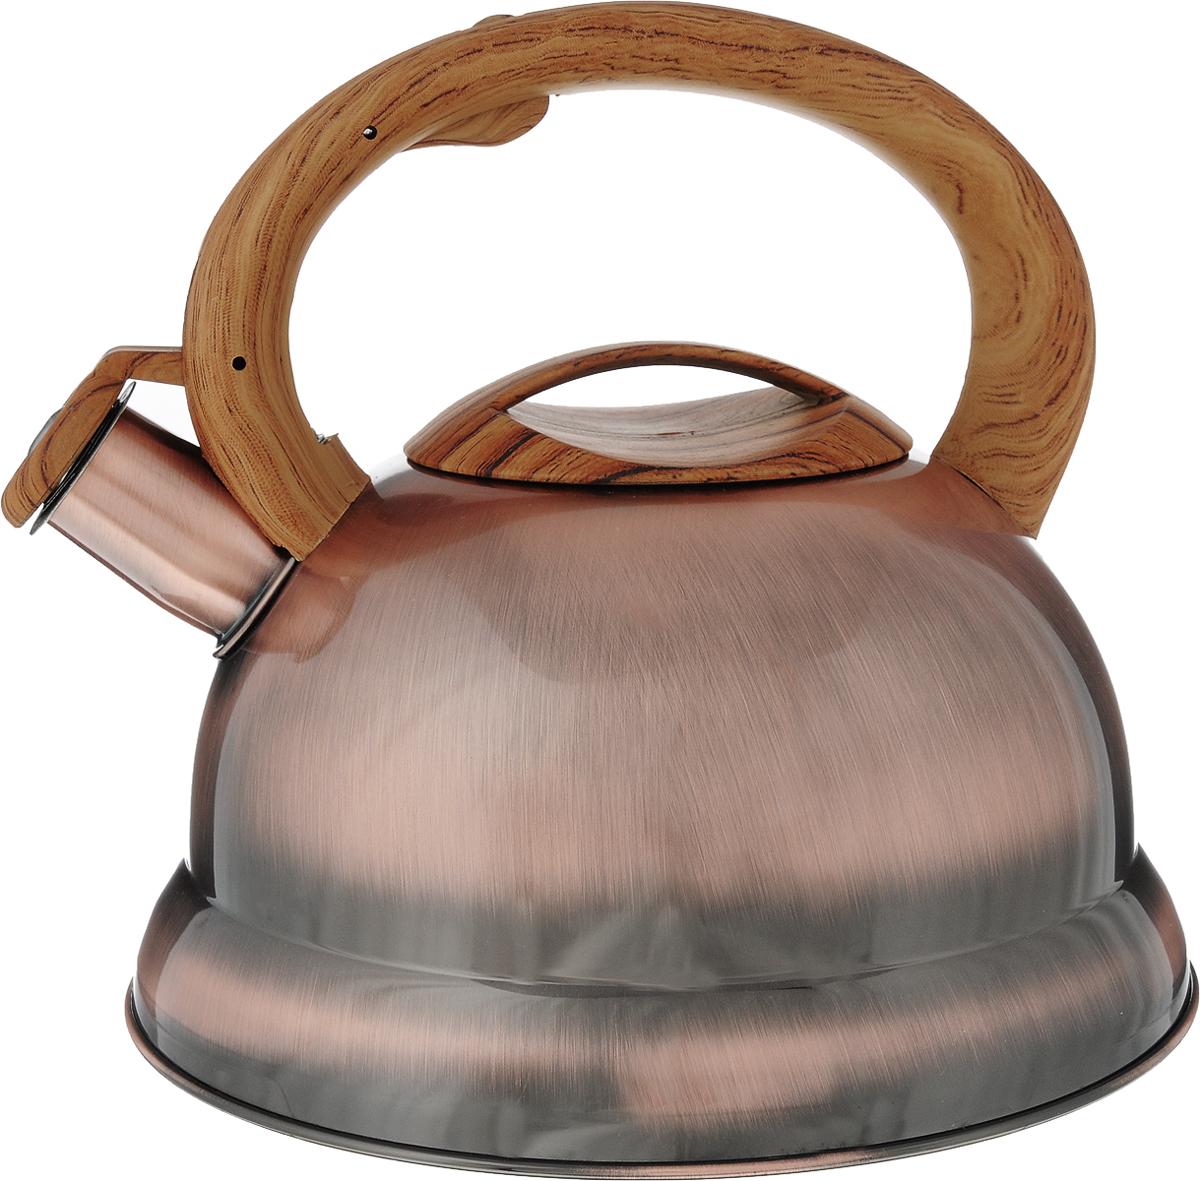 Чайник BK-S413 2, со свистком, 3,5 л115510Чайник BK-S413 2 выполнен из высококачественной нержавеющей стали, что обеспечивает долговечность использования. Фиксированная ручка выполнена под дерево. Чайник снабжен свистком и устройством для открывания носика, которое находится на ручке. Изделие оснащено цельнометаллическим дном, что способствует медленному остыванию чайника.Подходит для газовых, электрических и стеклокерамических плит, а также индукционных. Можно мыть в посудомоечной машине. Высота чайника (без учета крышки и ручки): 11,5 см.Высота чайника (с учетом ручки): 22 см.Диаметр (по верхнему краю): 10 см.